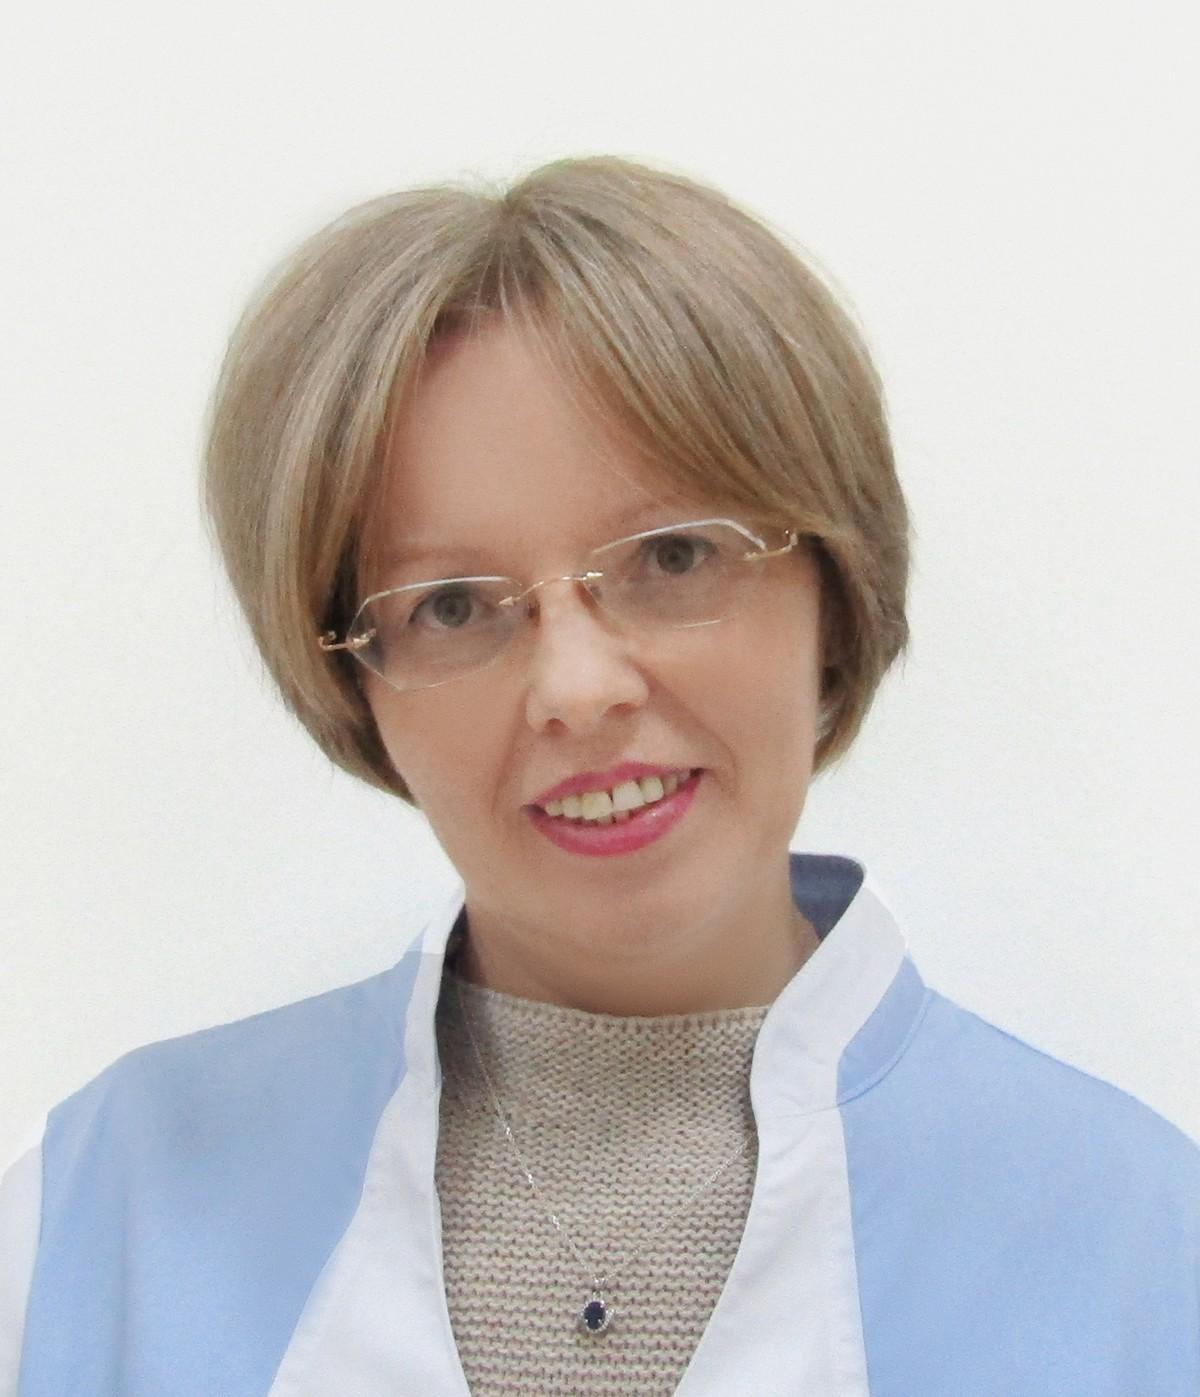 Tiraneva